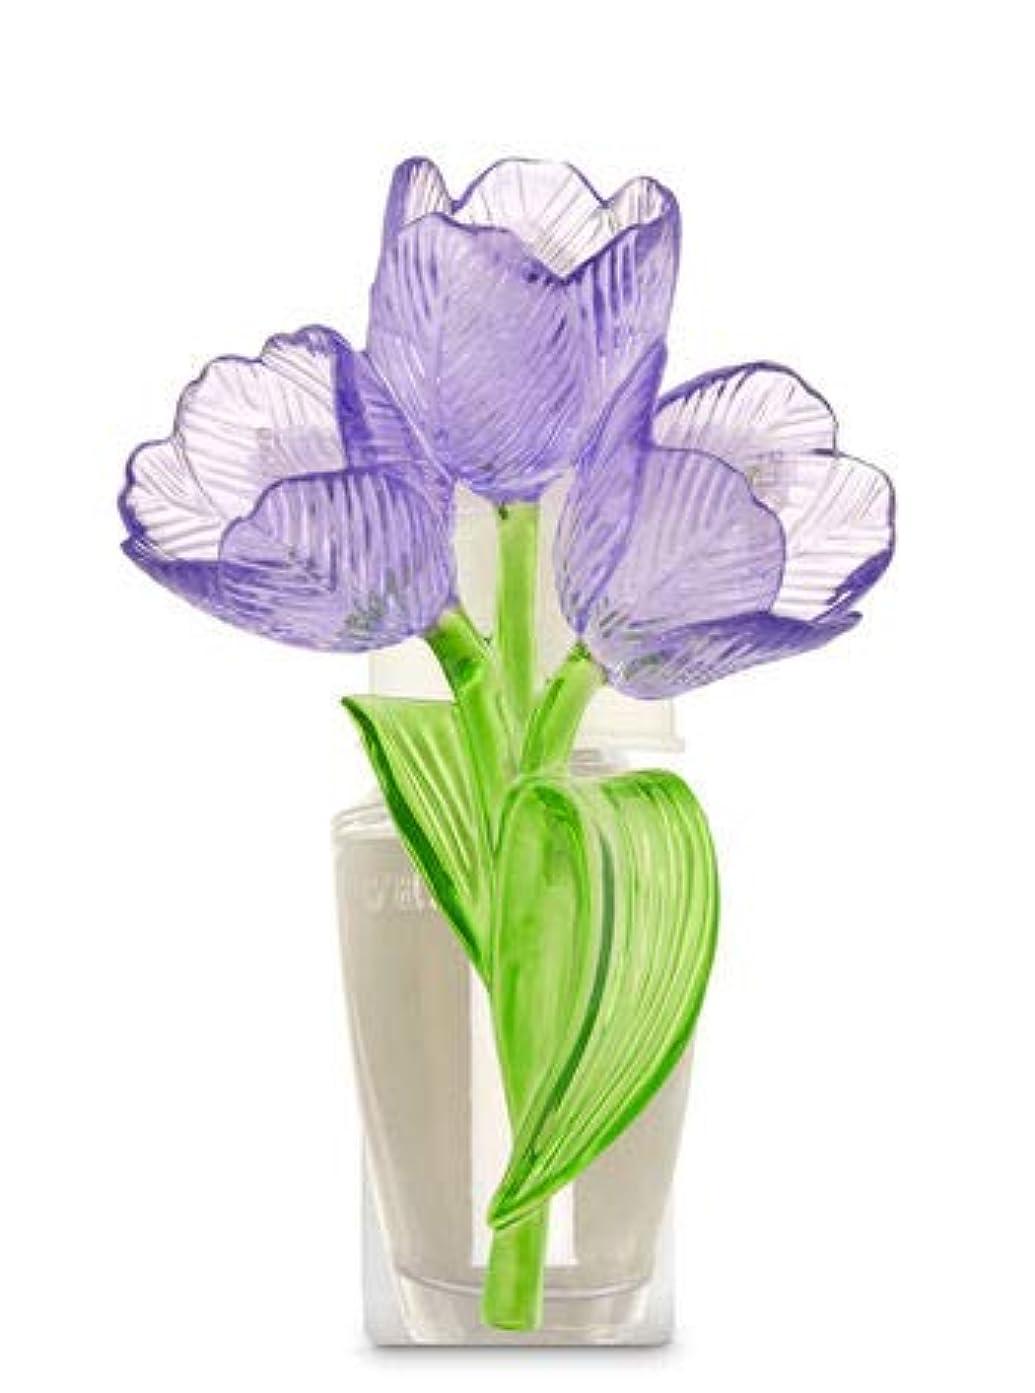 観客階ドラフト【Bath&Body Works/バス&ボディワークス】 ルームフレグランス プラグインスターター (本体のみ) チューリップ ナイトライト Wallflowers Fragrance Plug Tulips Night Light [並行輸入品]